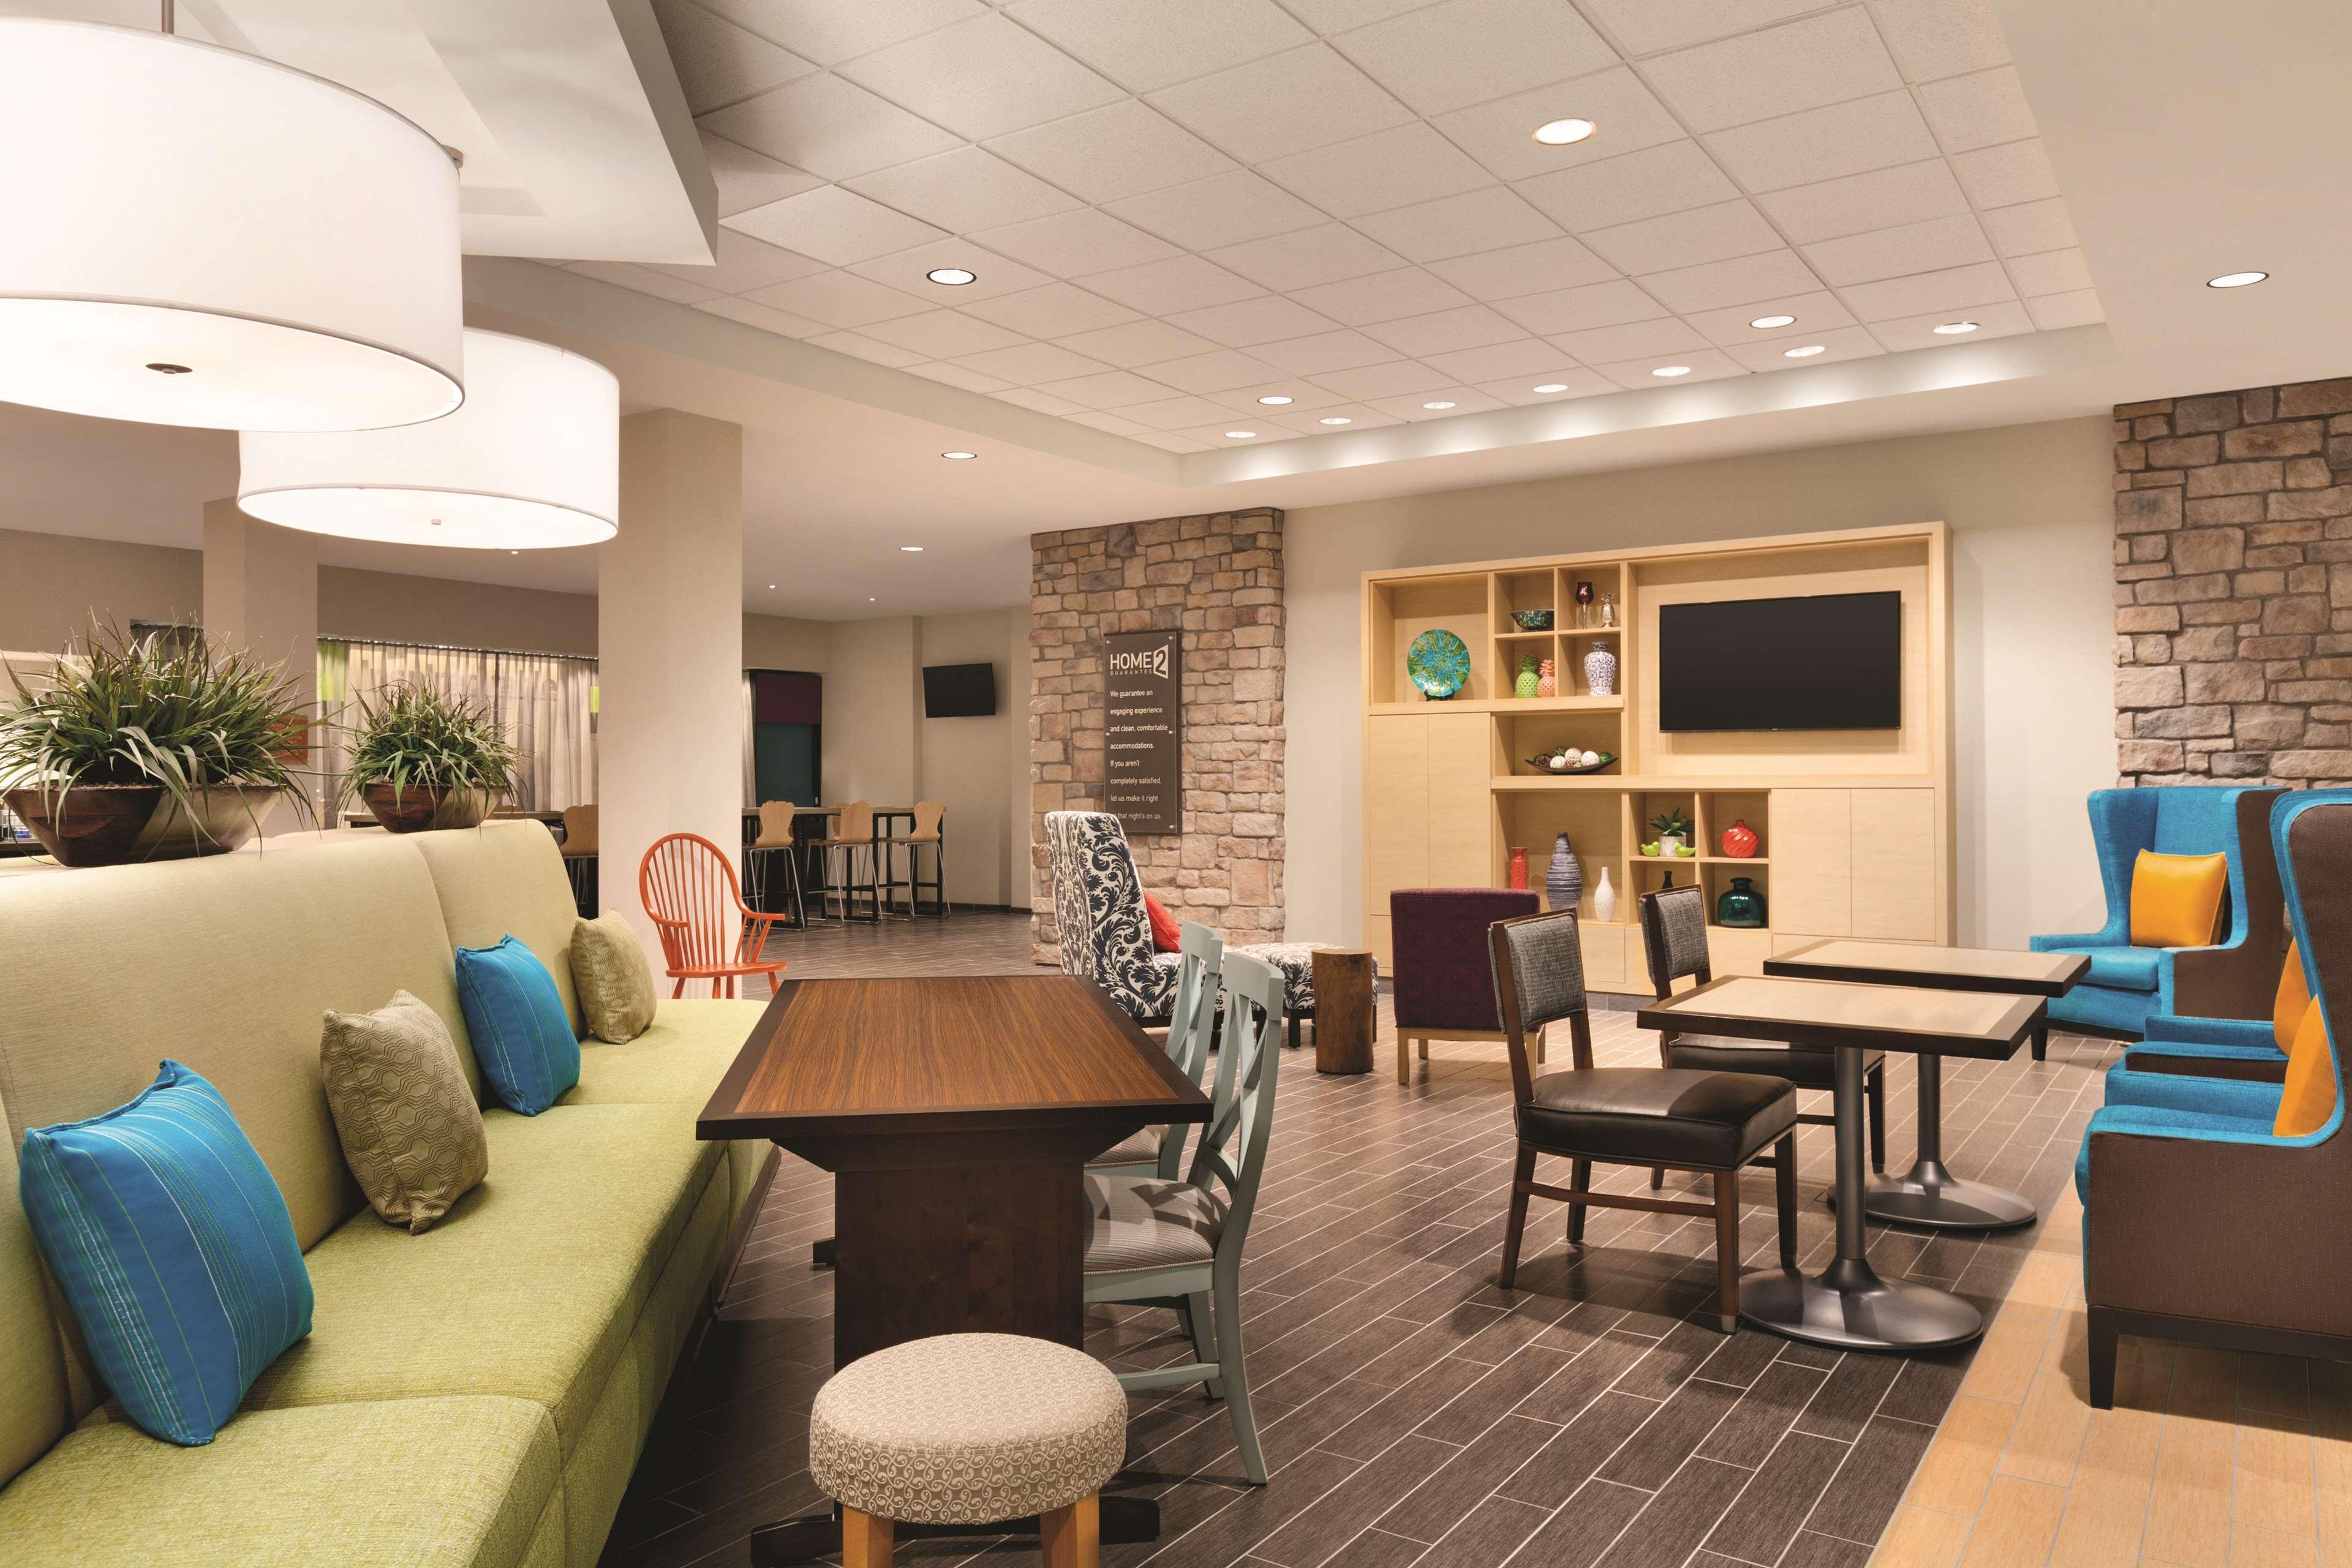 Home2 Suites by Hilton Phoenix-Tempe ASU Research Park image 3